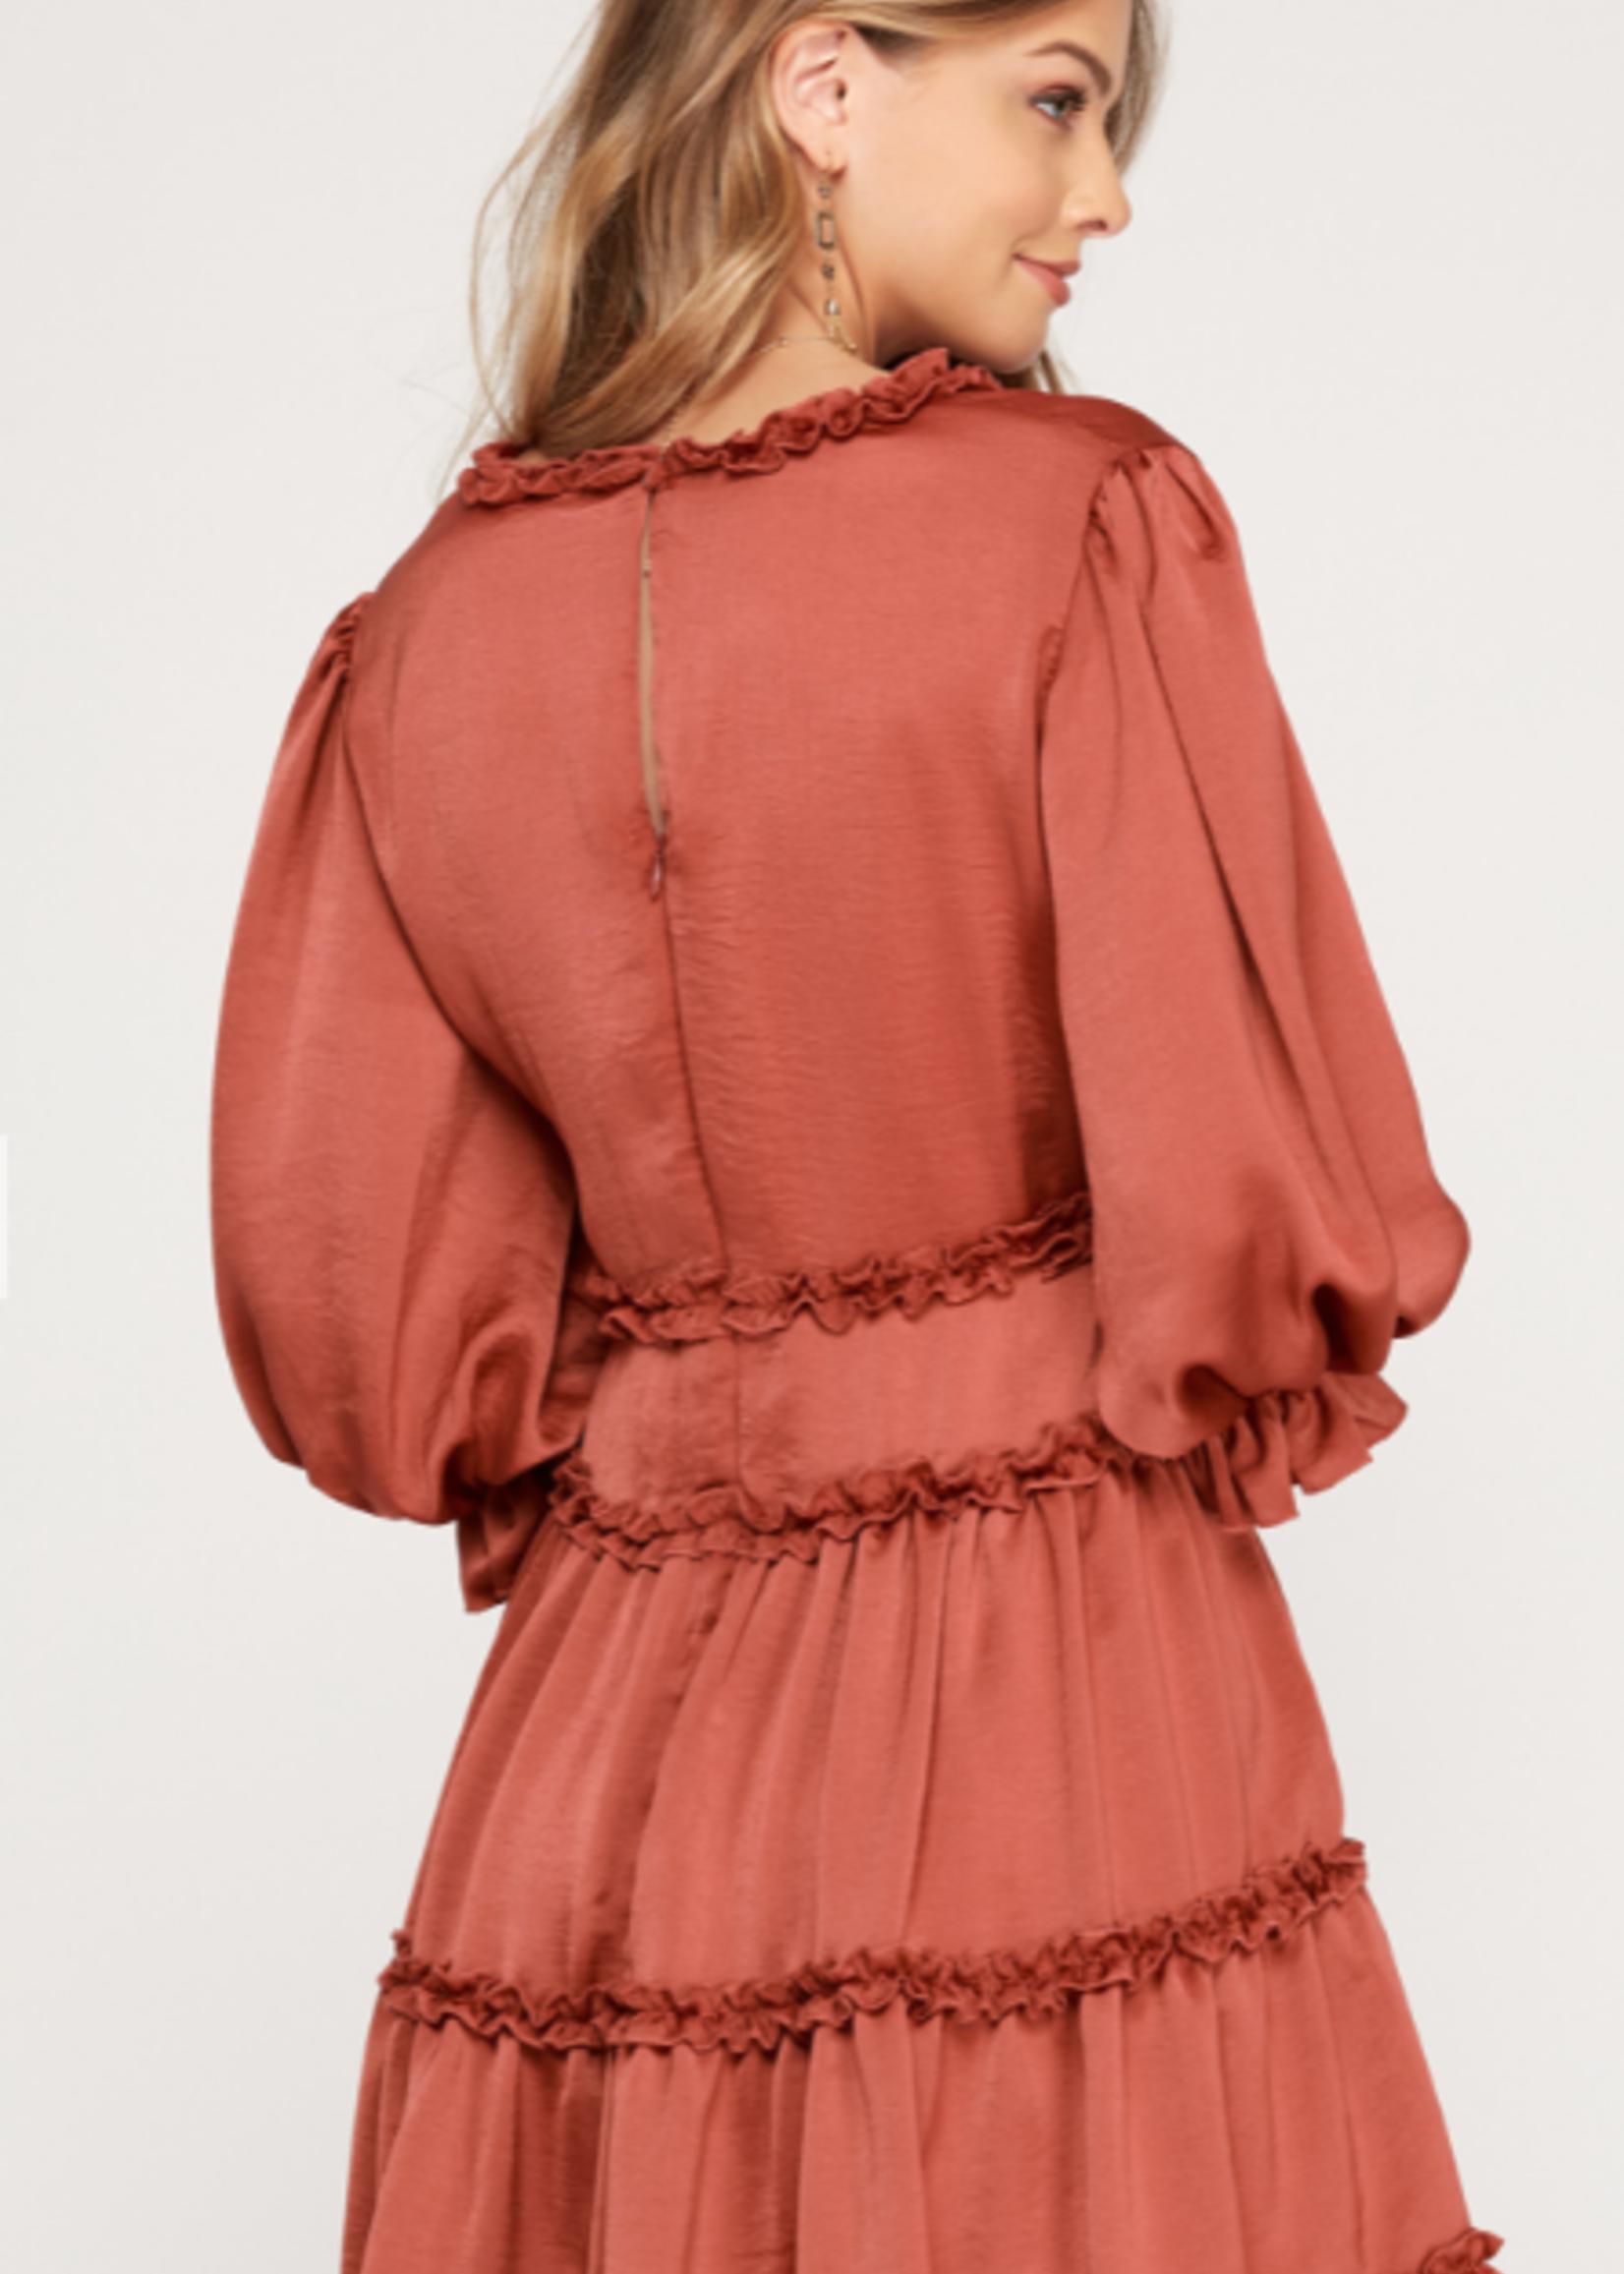 Fall Ruffle Rust Dress